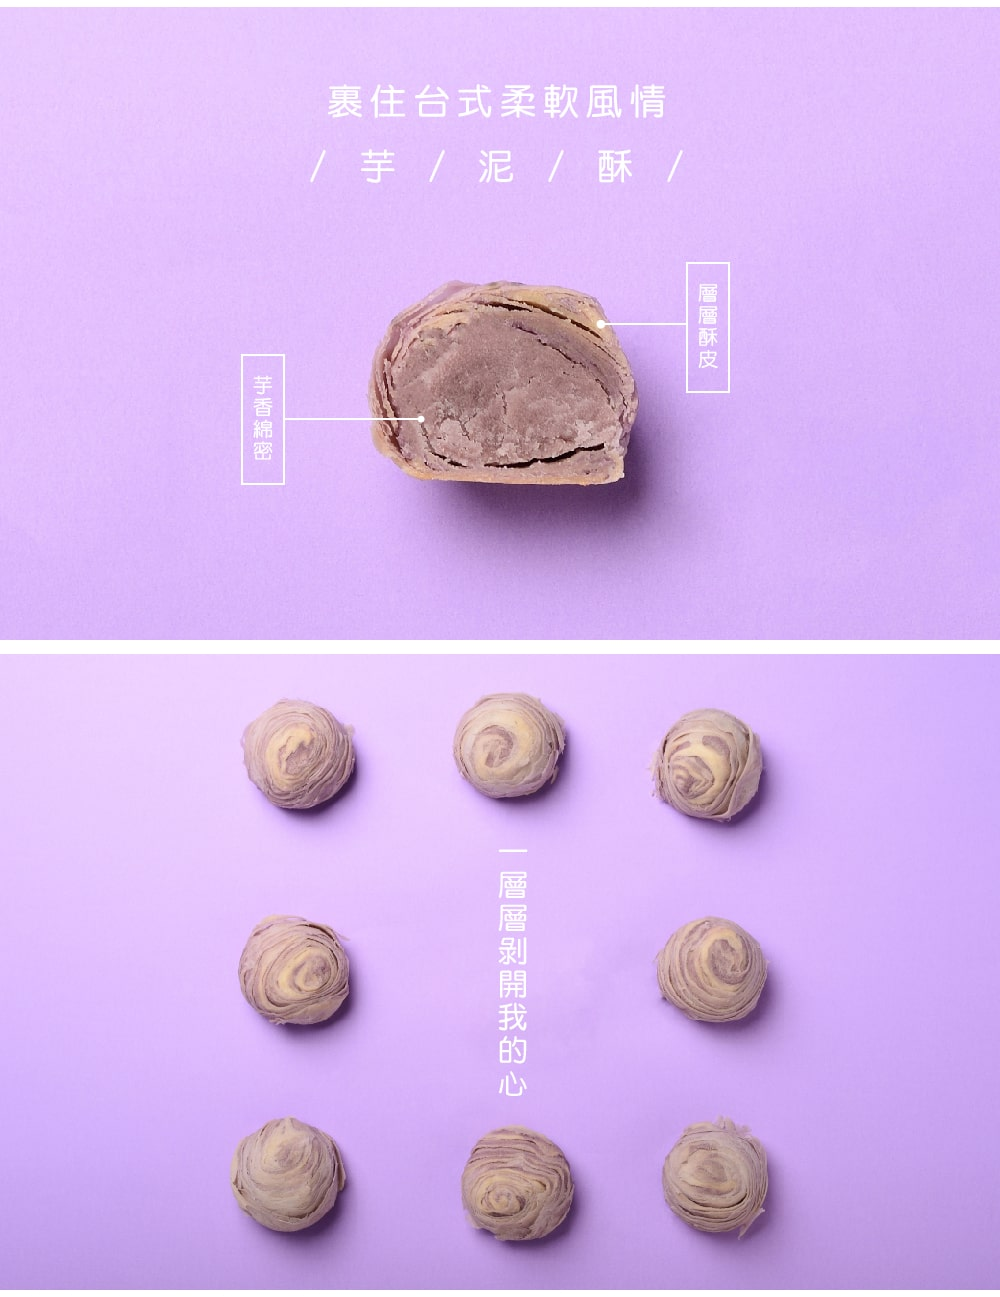 御格格-芋泥-綠豆椪-05-min